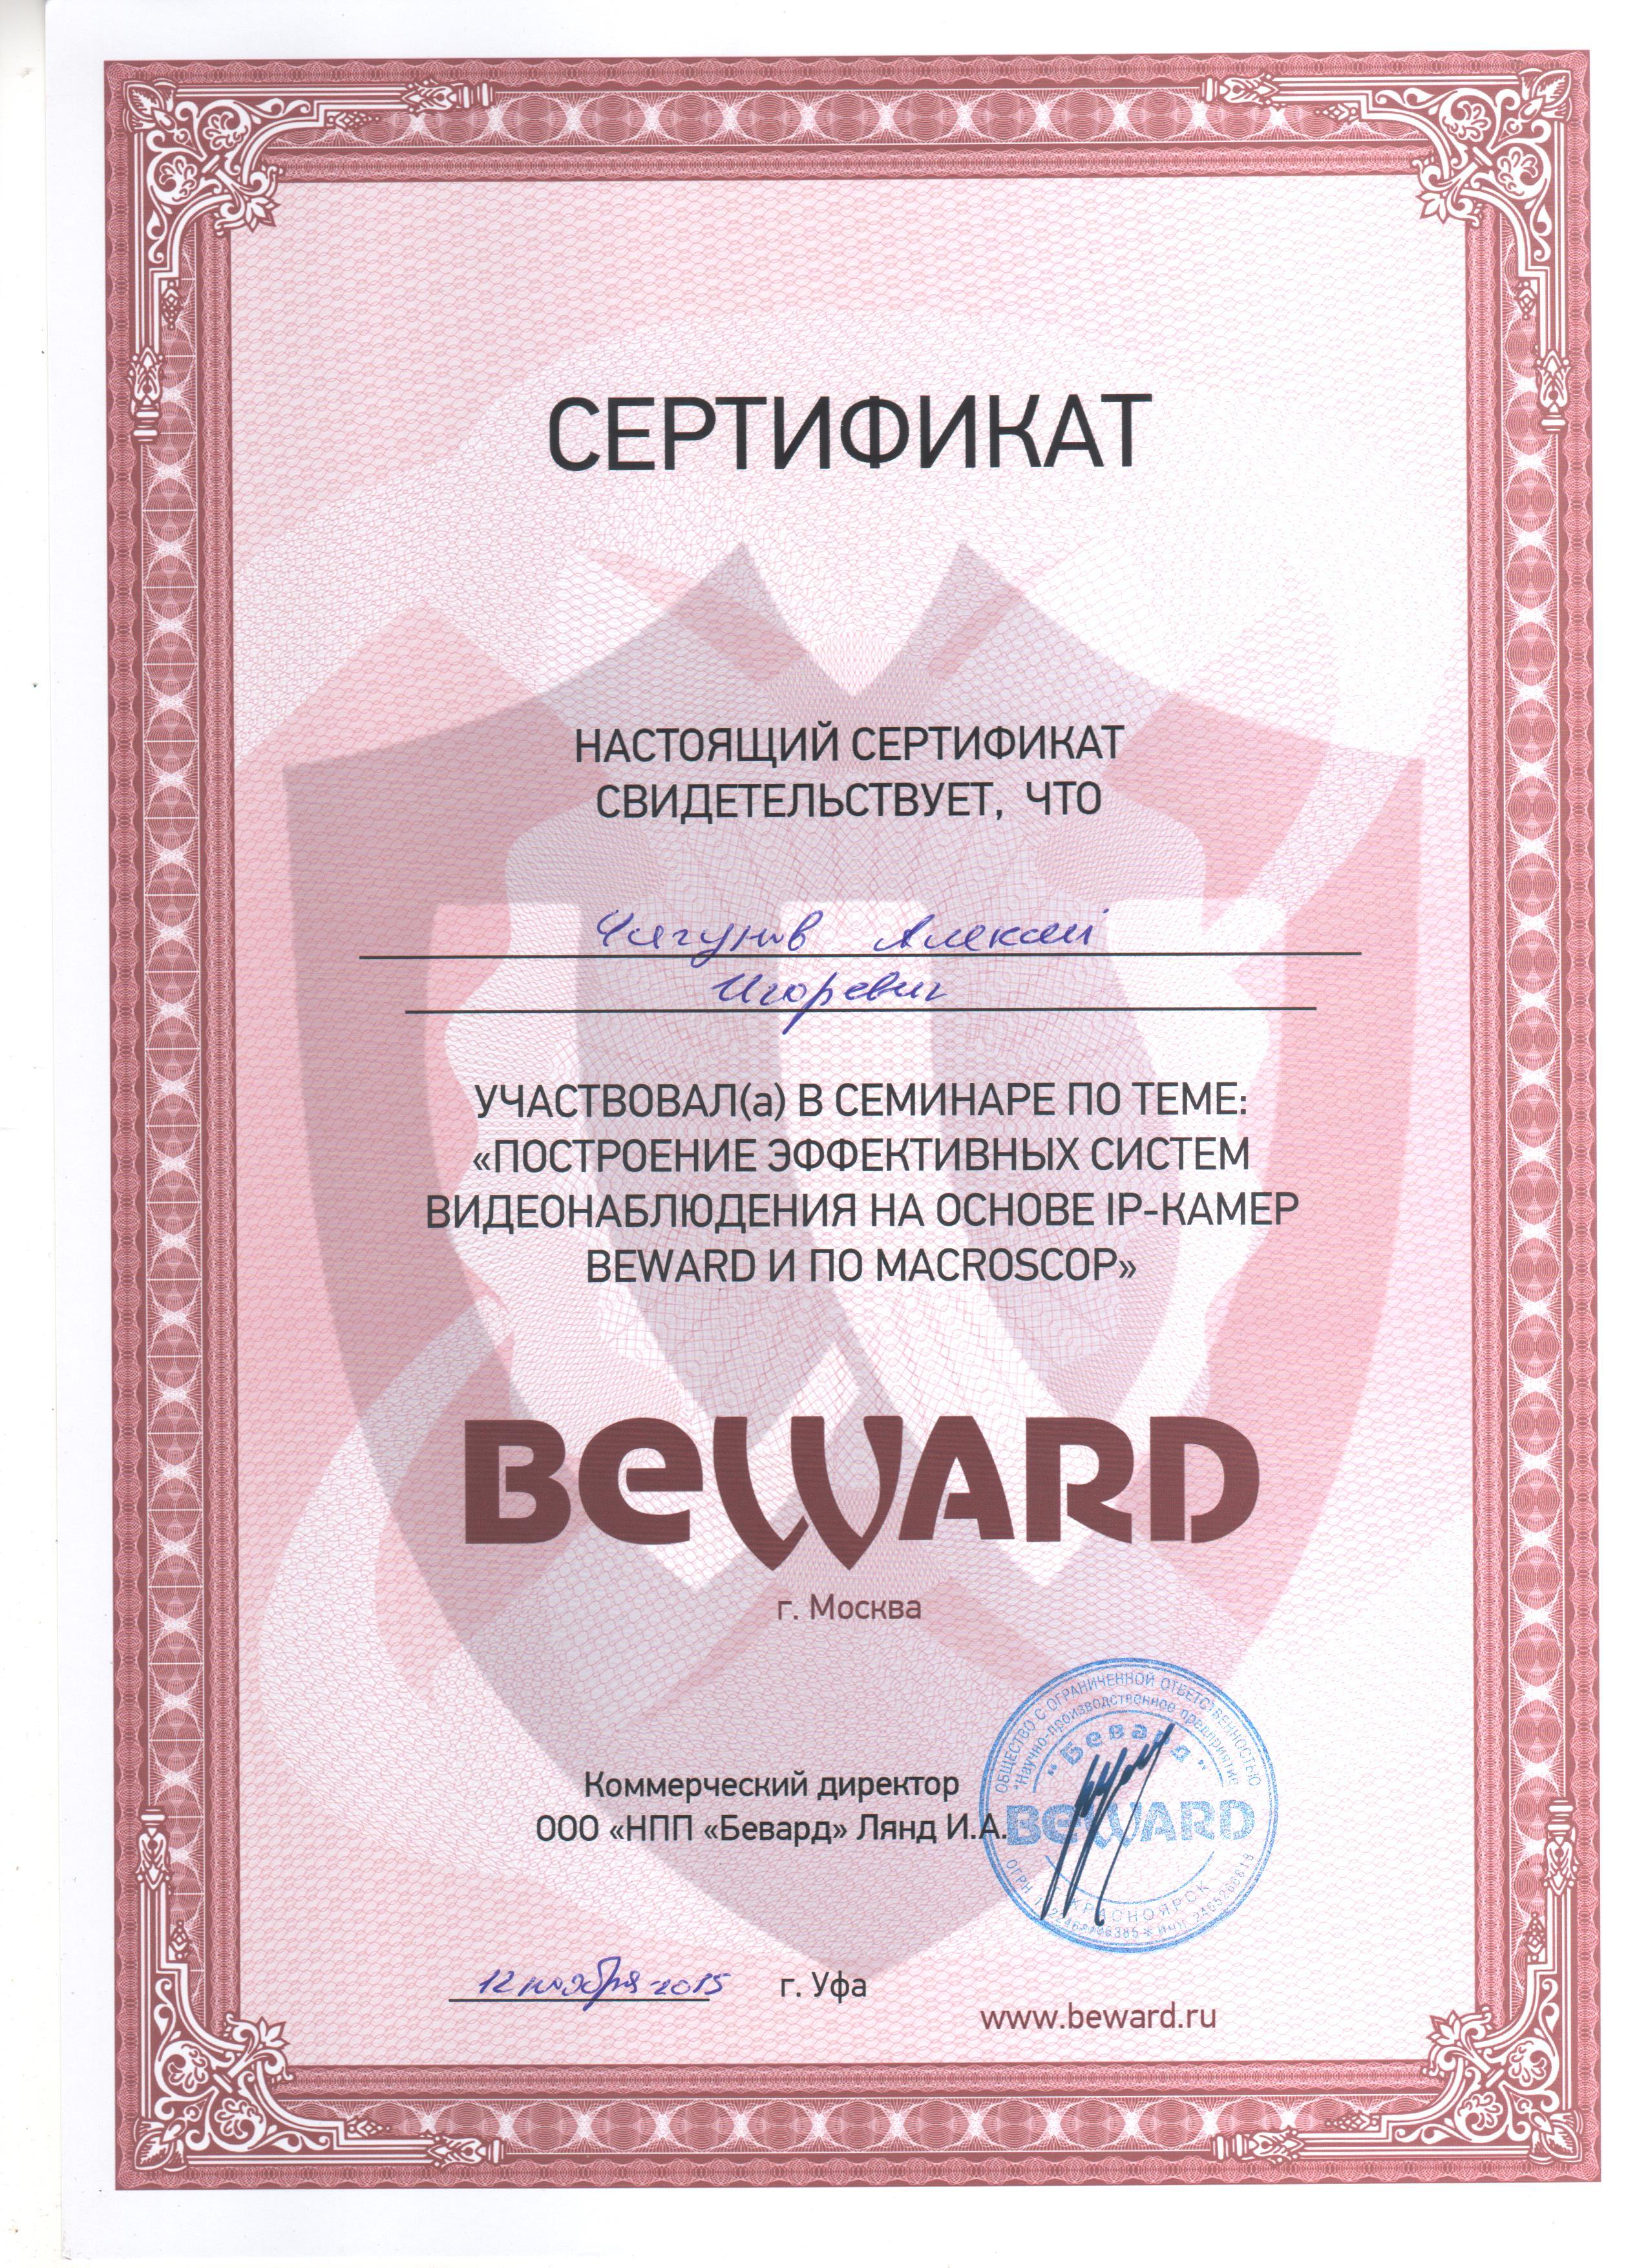 Сертификат_Beward_Чугунов_А.И_001.jpg